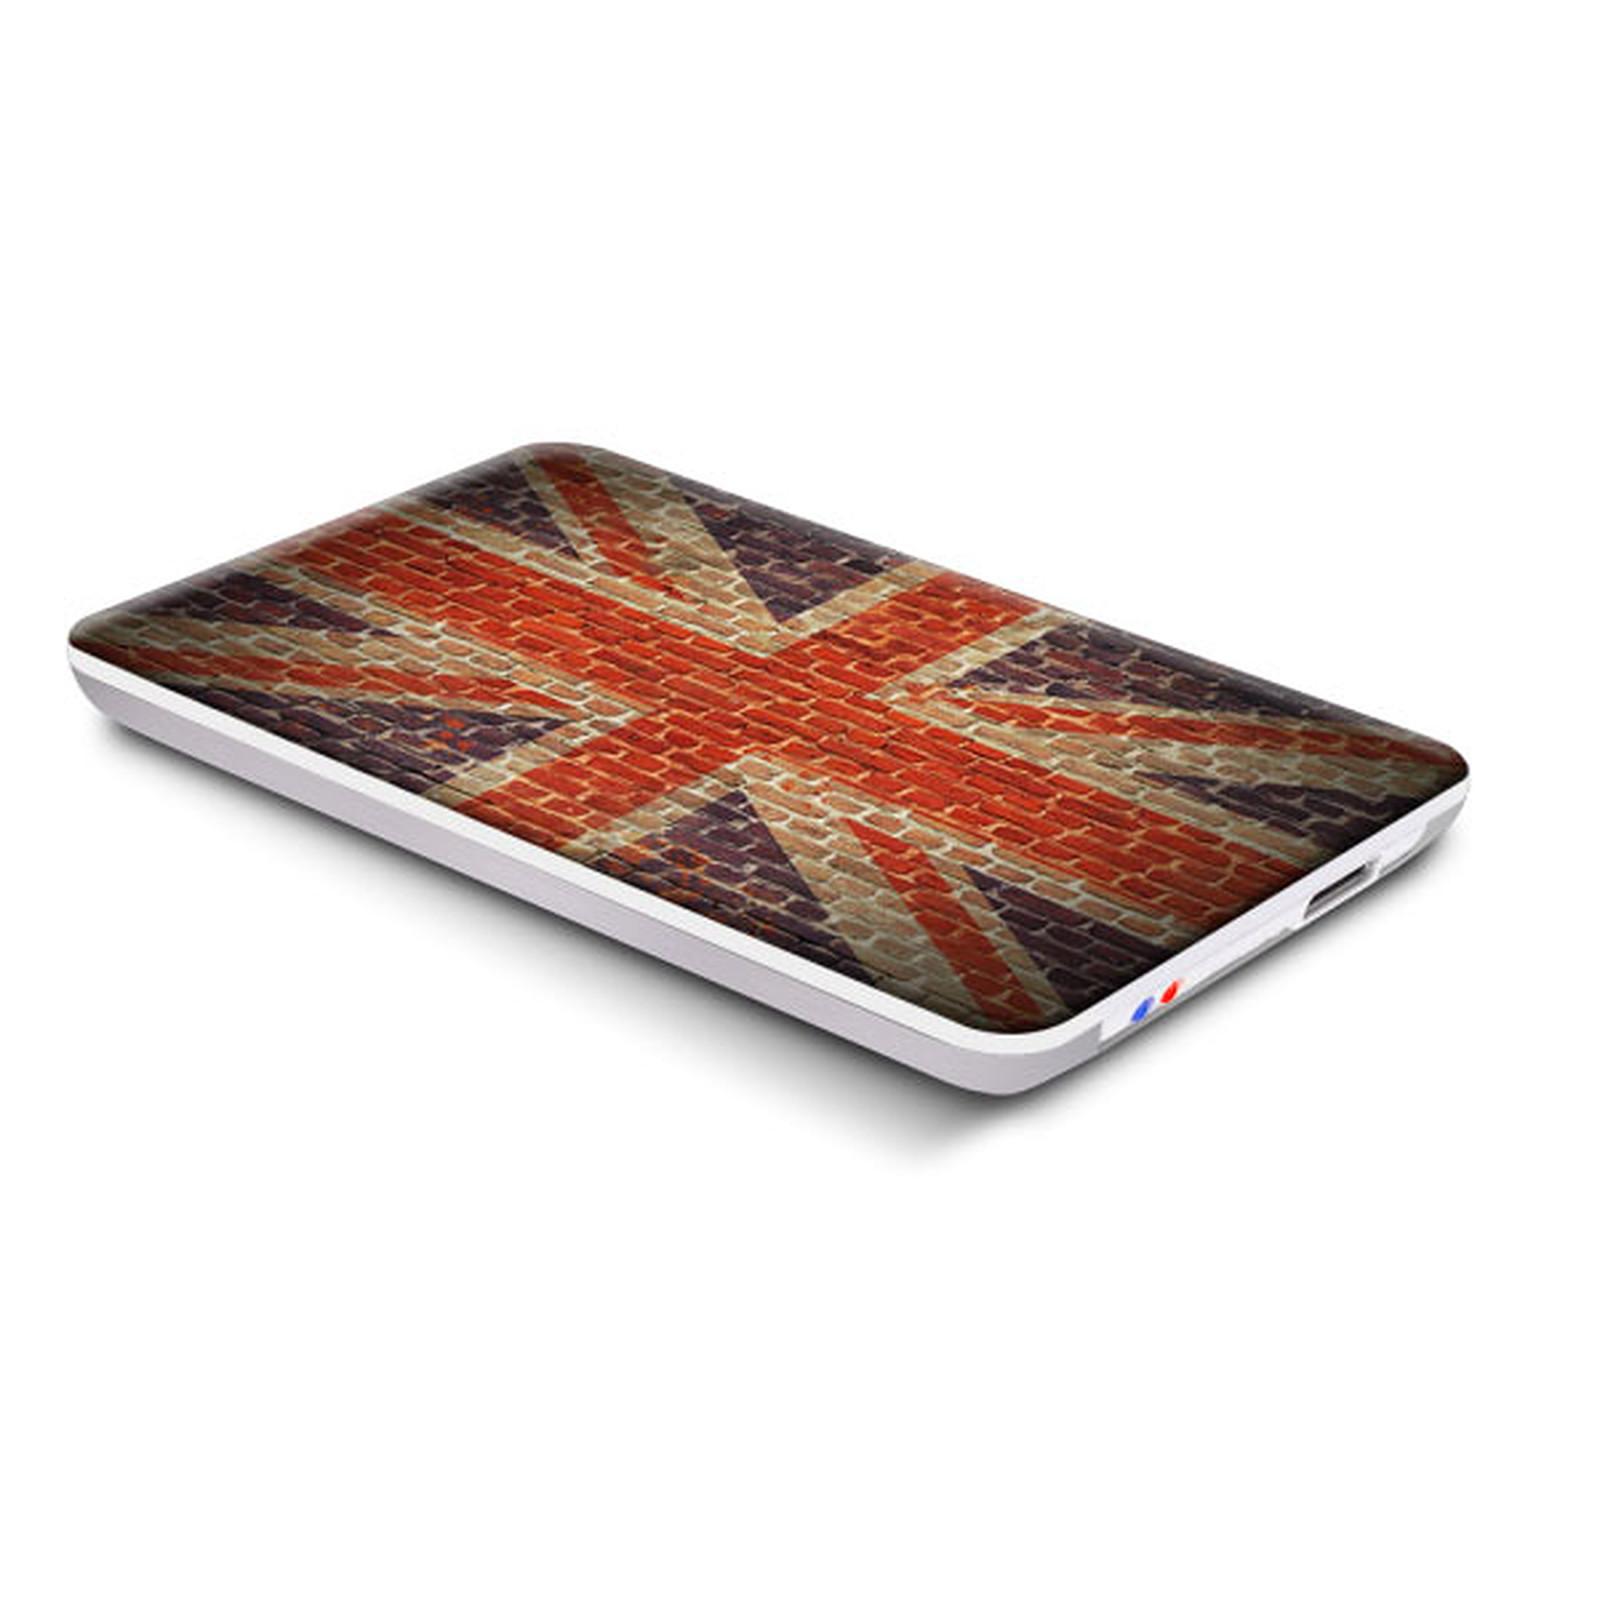 Advance Arty Pop Box USB 3.0 (UK Flag)